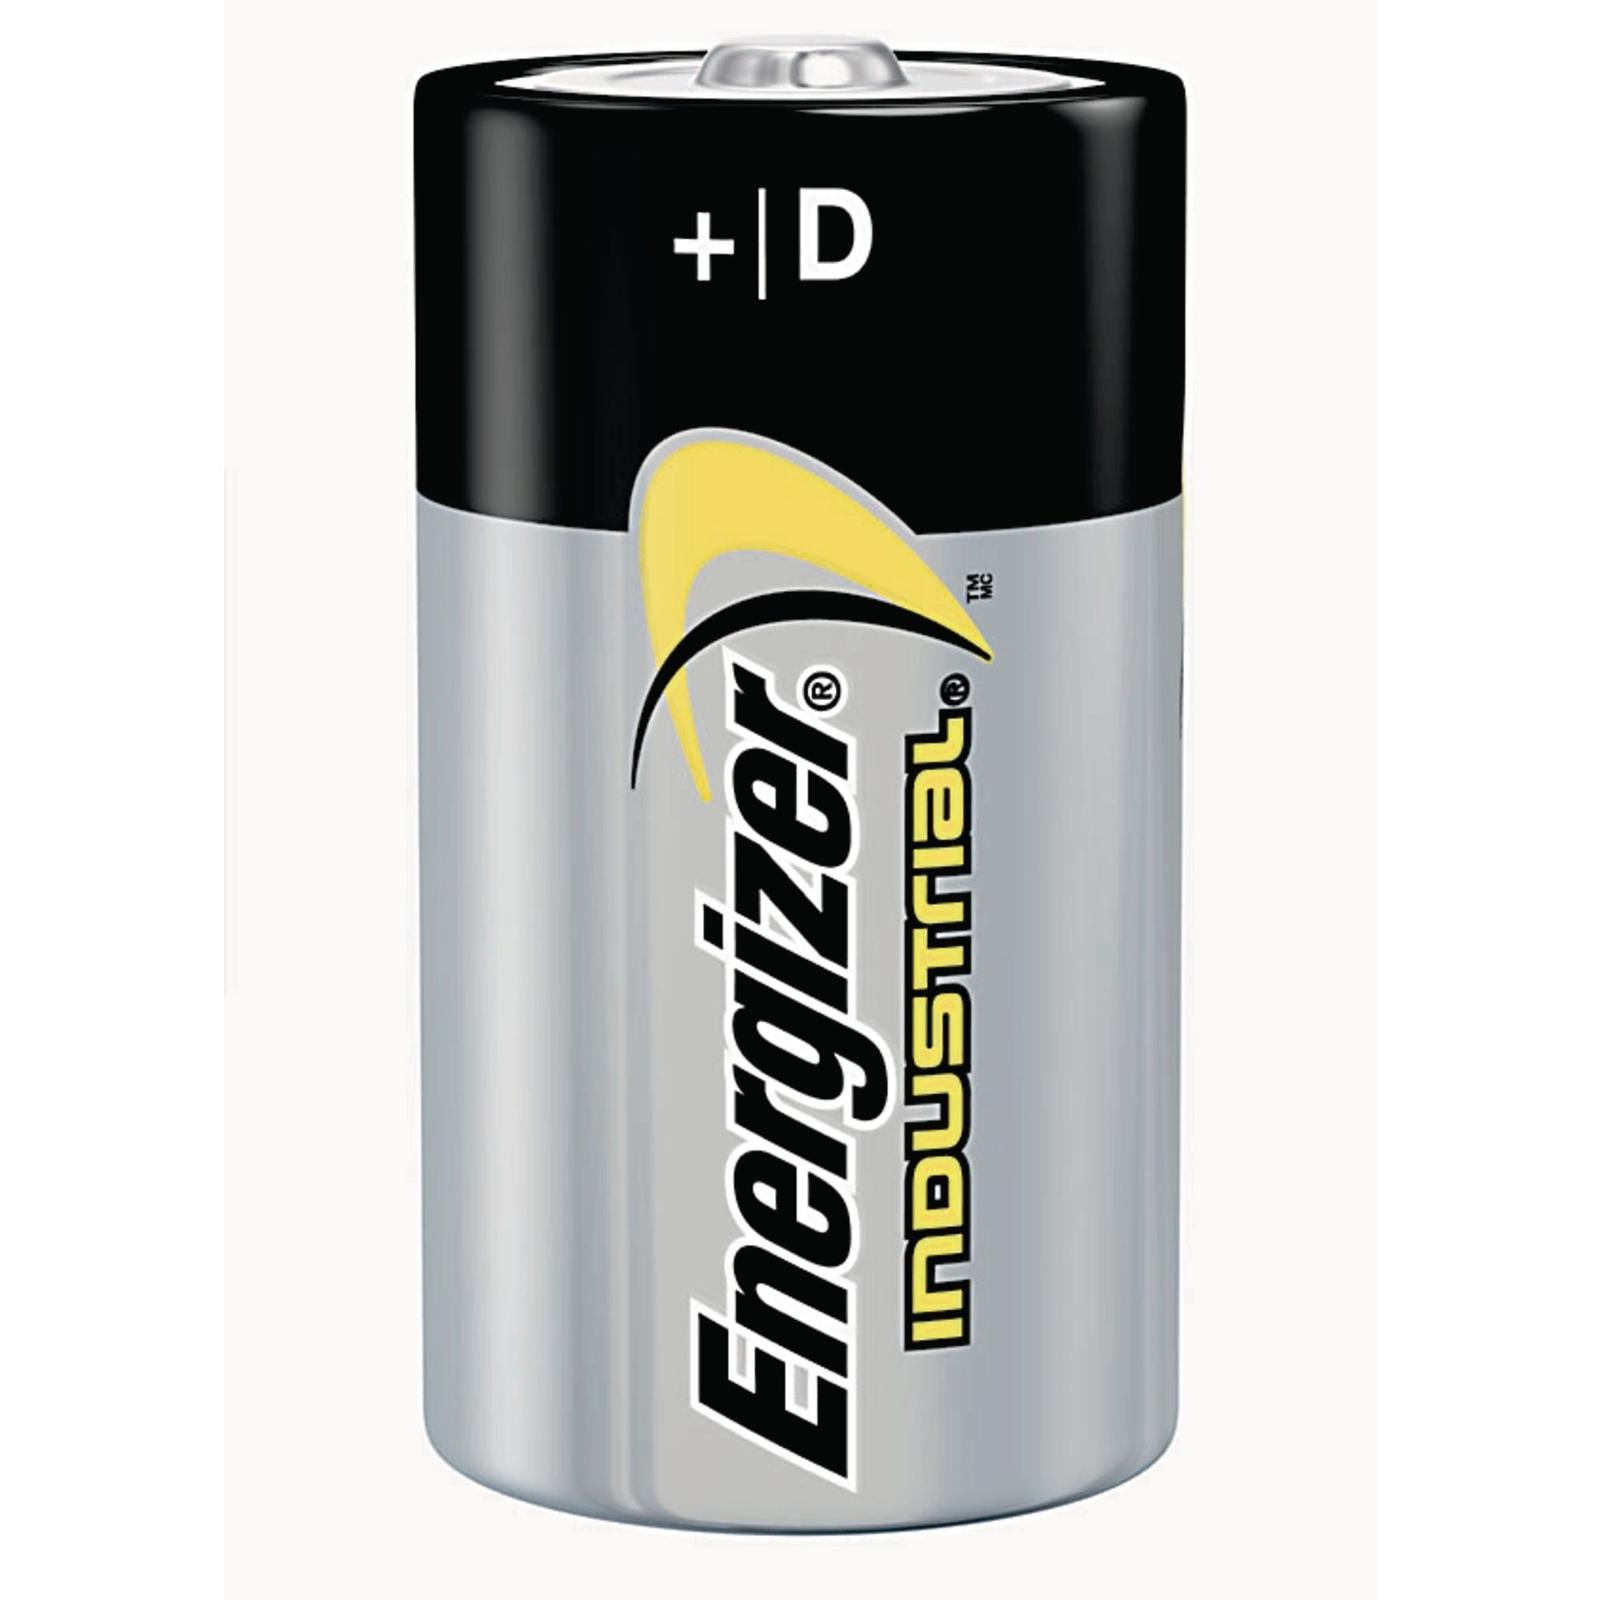 General Purpose Battery - D, LR20